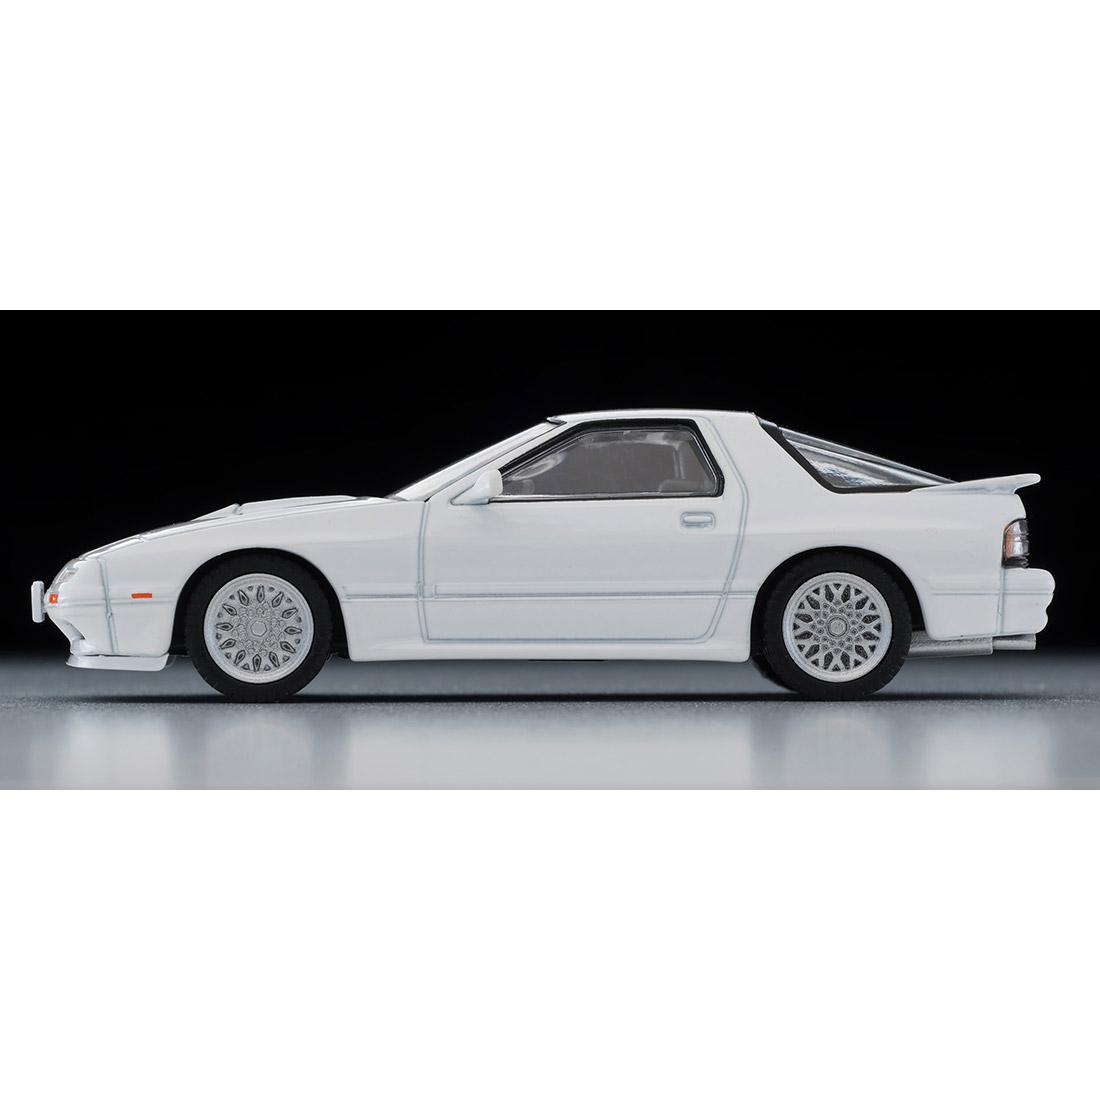 トミカリミテッドヴィンテージ ネオ『LV-N192c マツダ サバンナRX-7 アンフィニ (白)』ミニカー-006